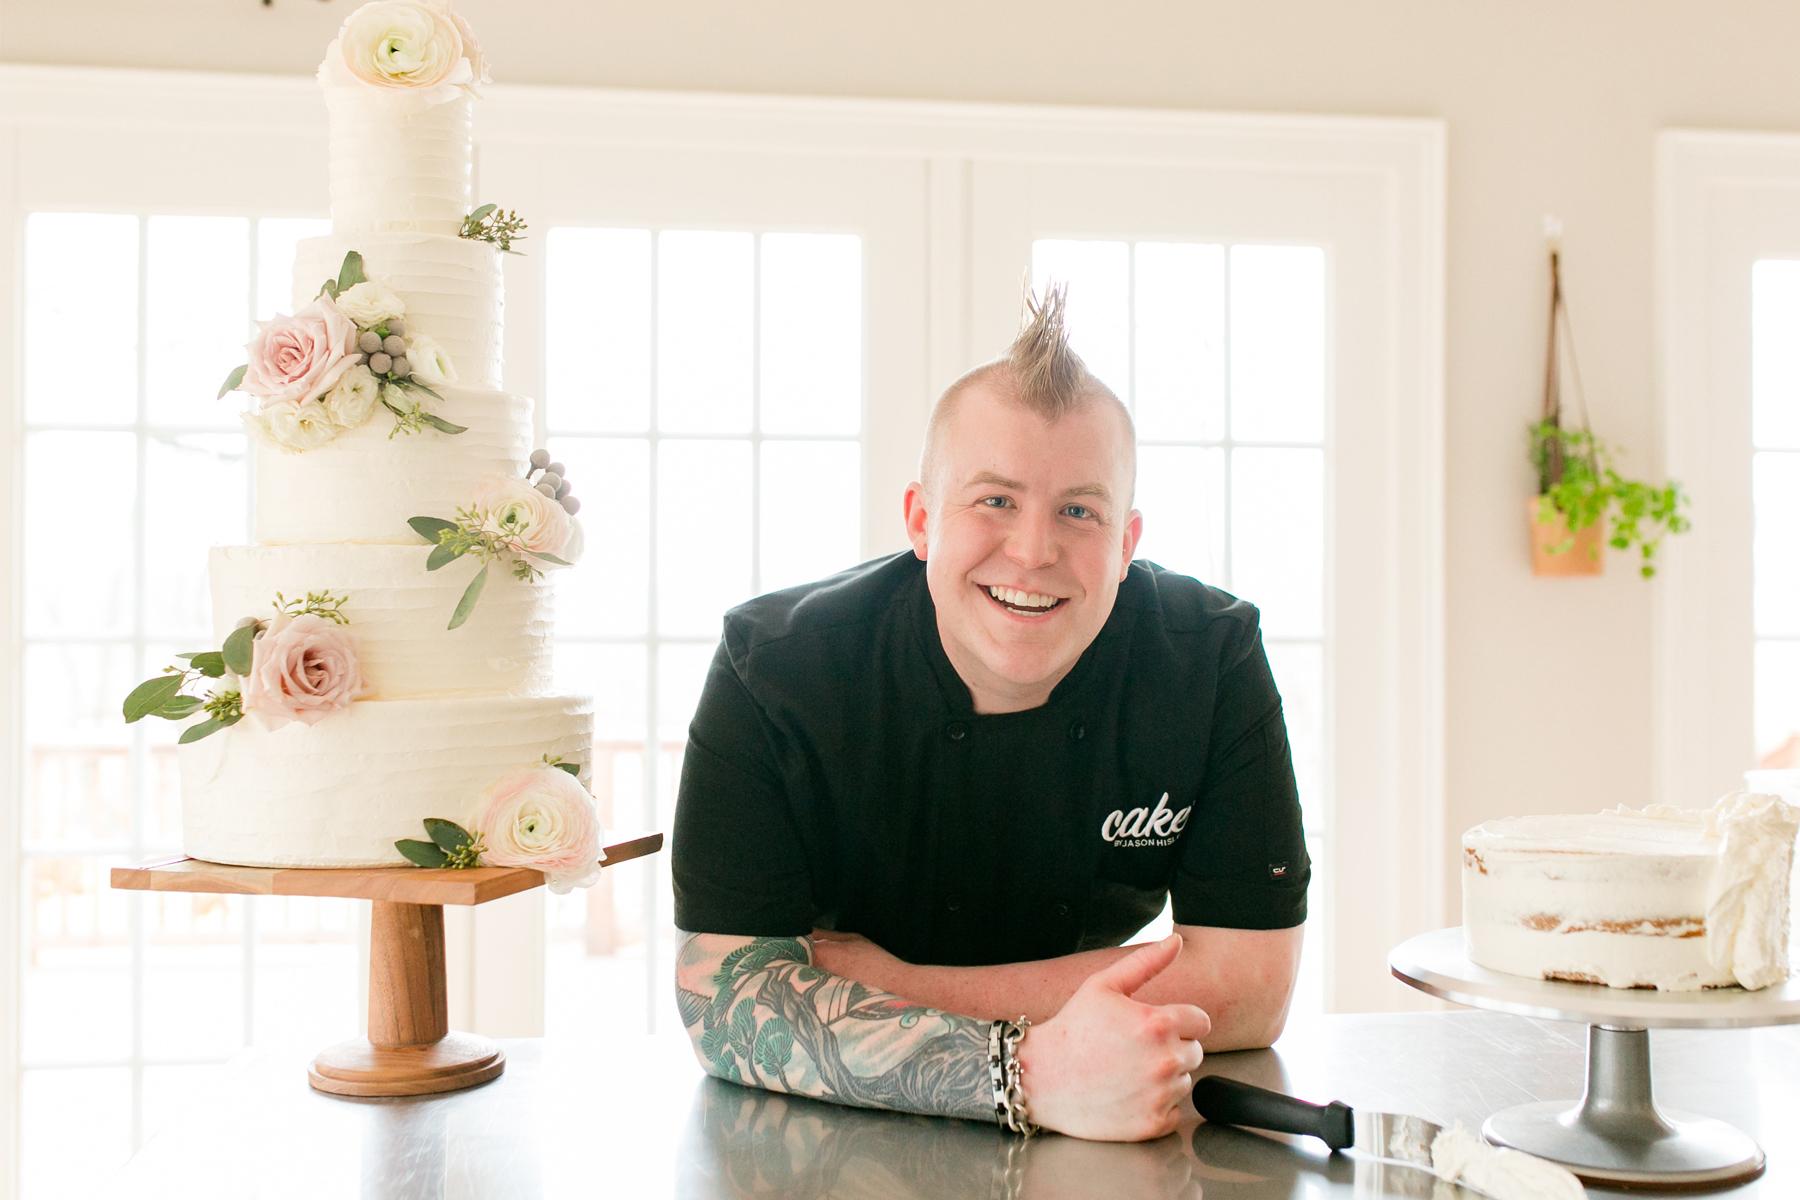 cake by jason hisley-jason-1.jpg